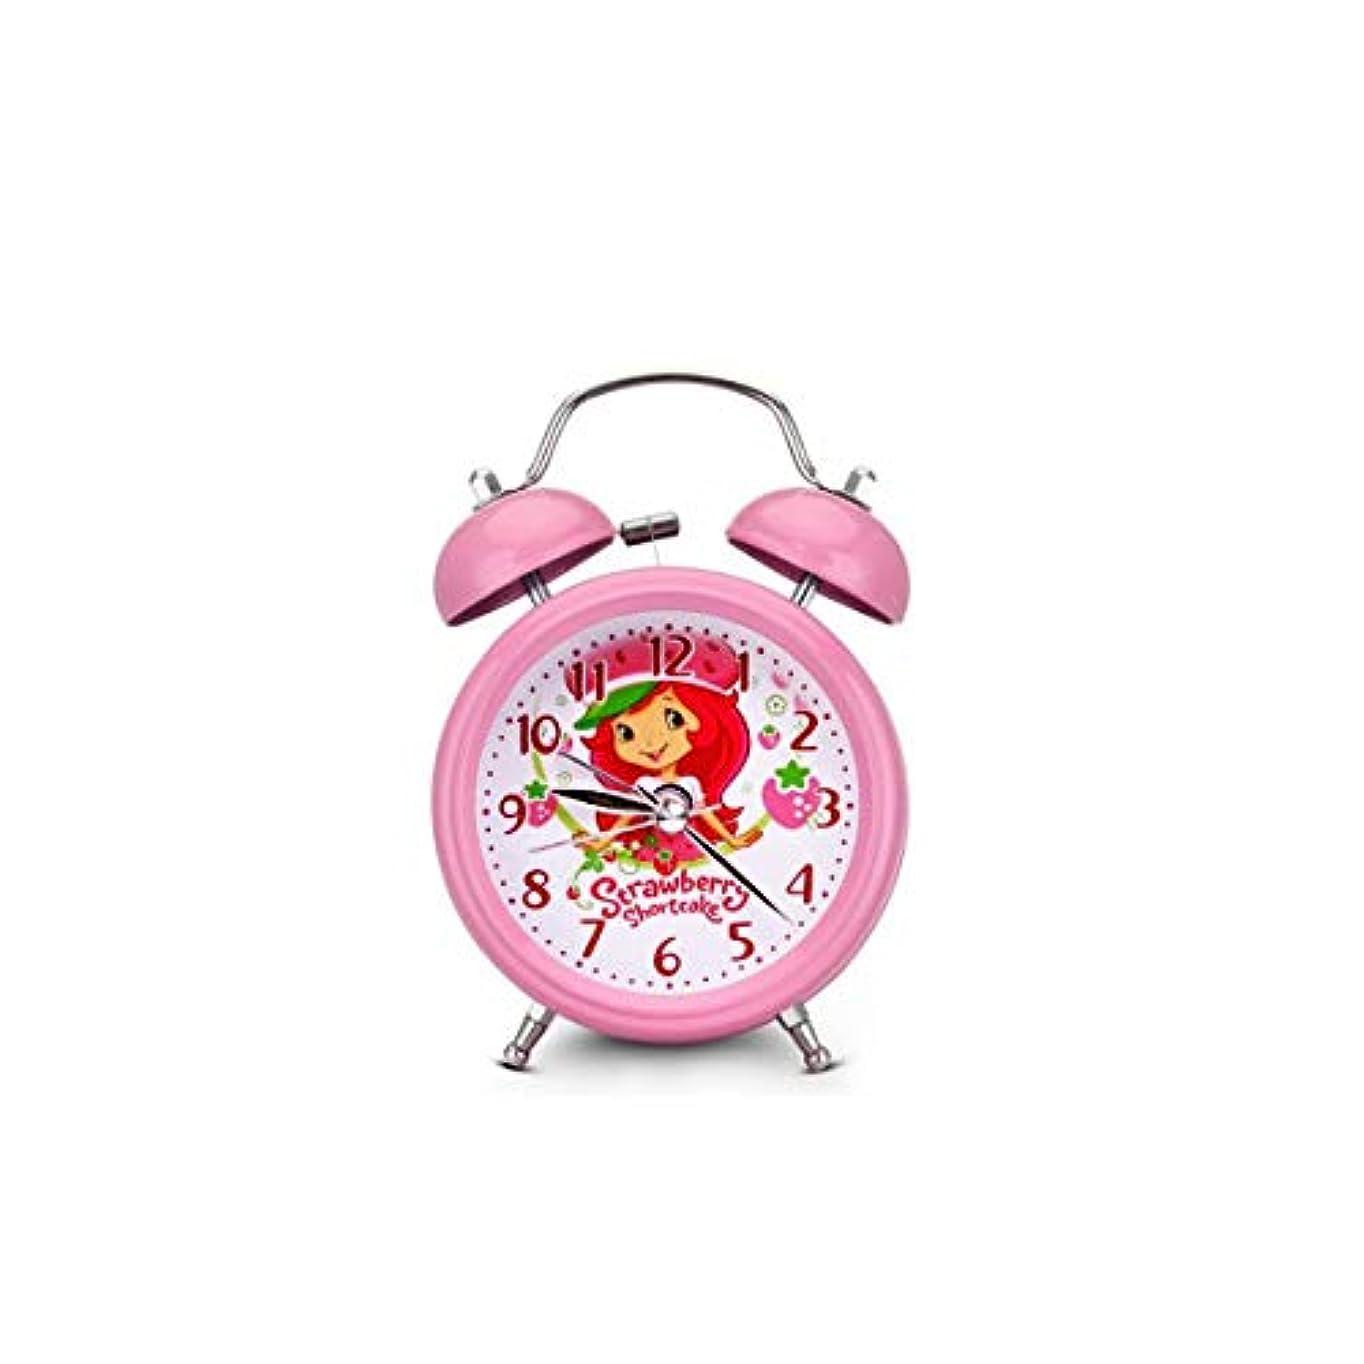 スケジュールきょうだいベットKaiyitong001 目覚まし時計、ミュートファッション学生のベッドサイド時計、夜のライトベル時計、かわいい子供用クォーツ時計、ベッドサイド卓上時計、ピンク (Color : Pink)